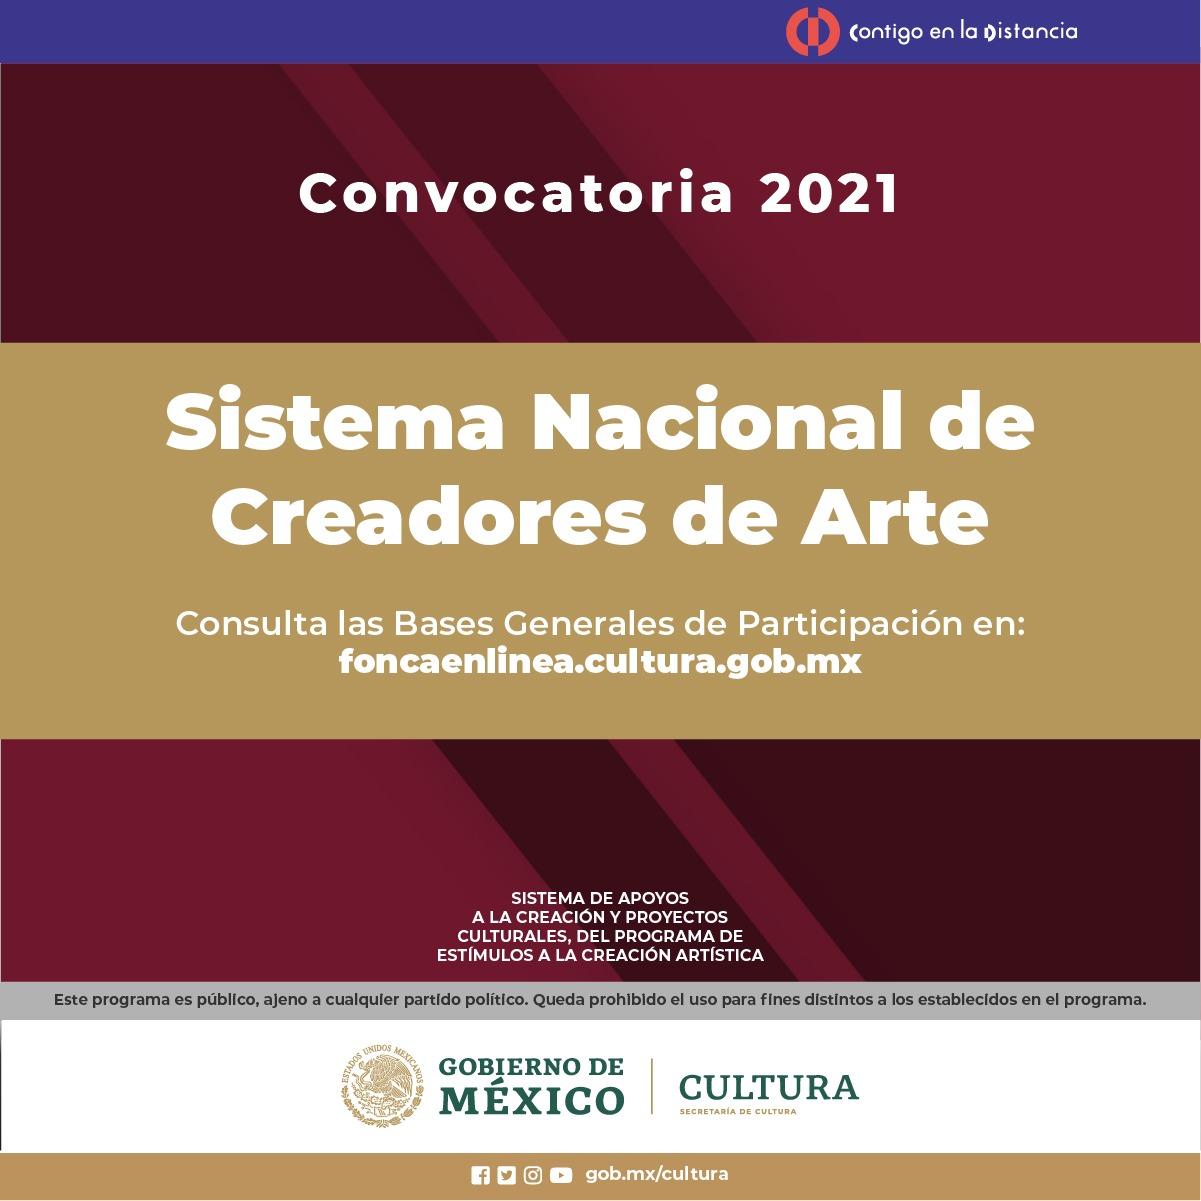 Lanzan convocatoria para el Sistema Nacional de Creadores de Arte 2021